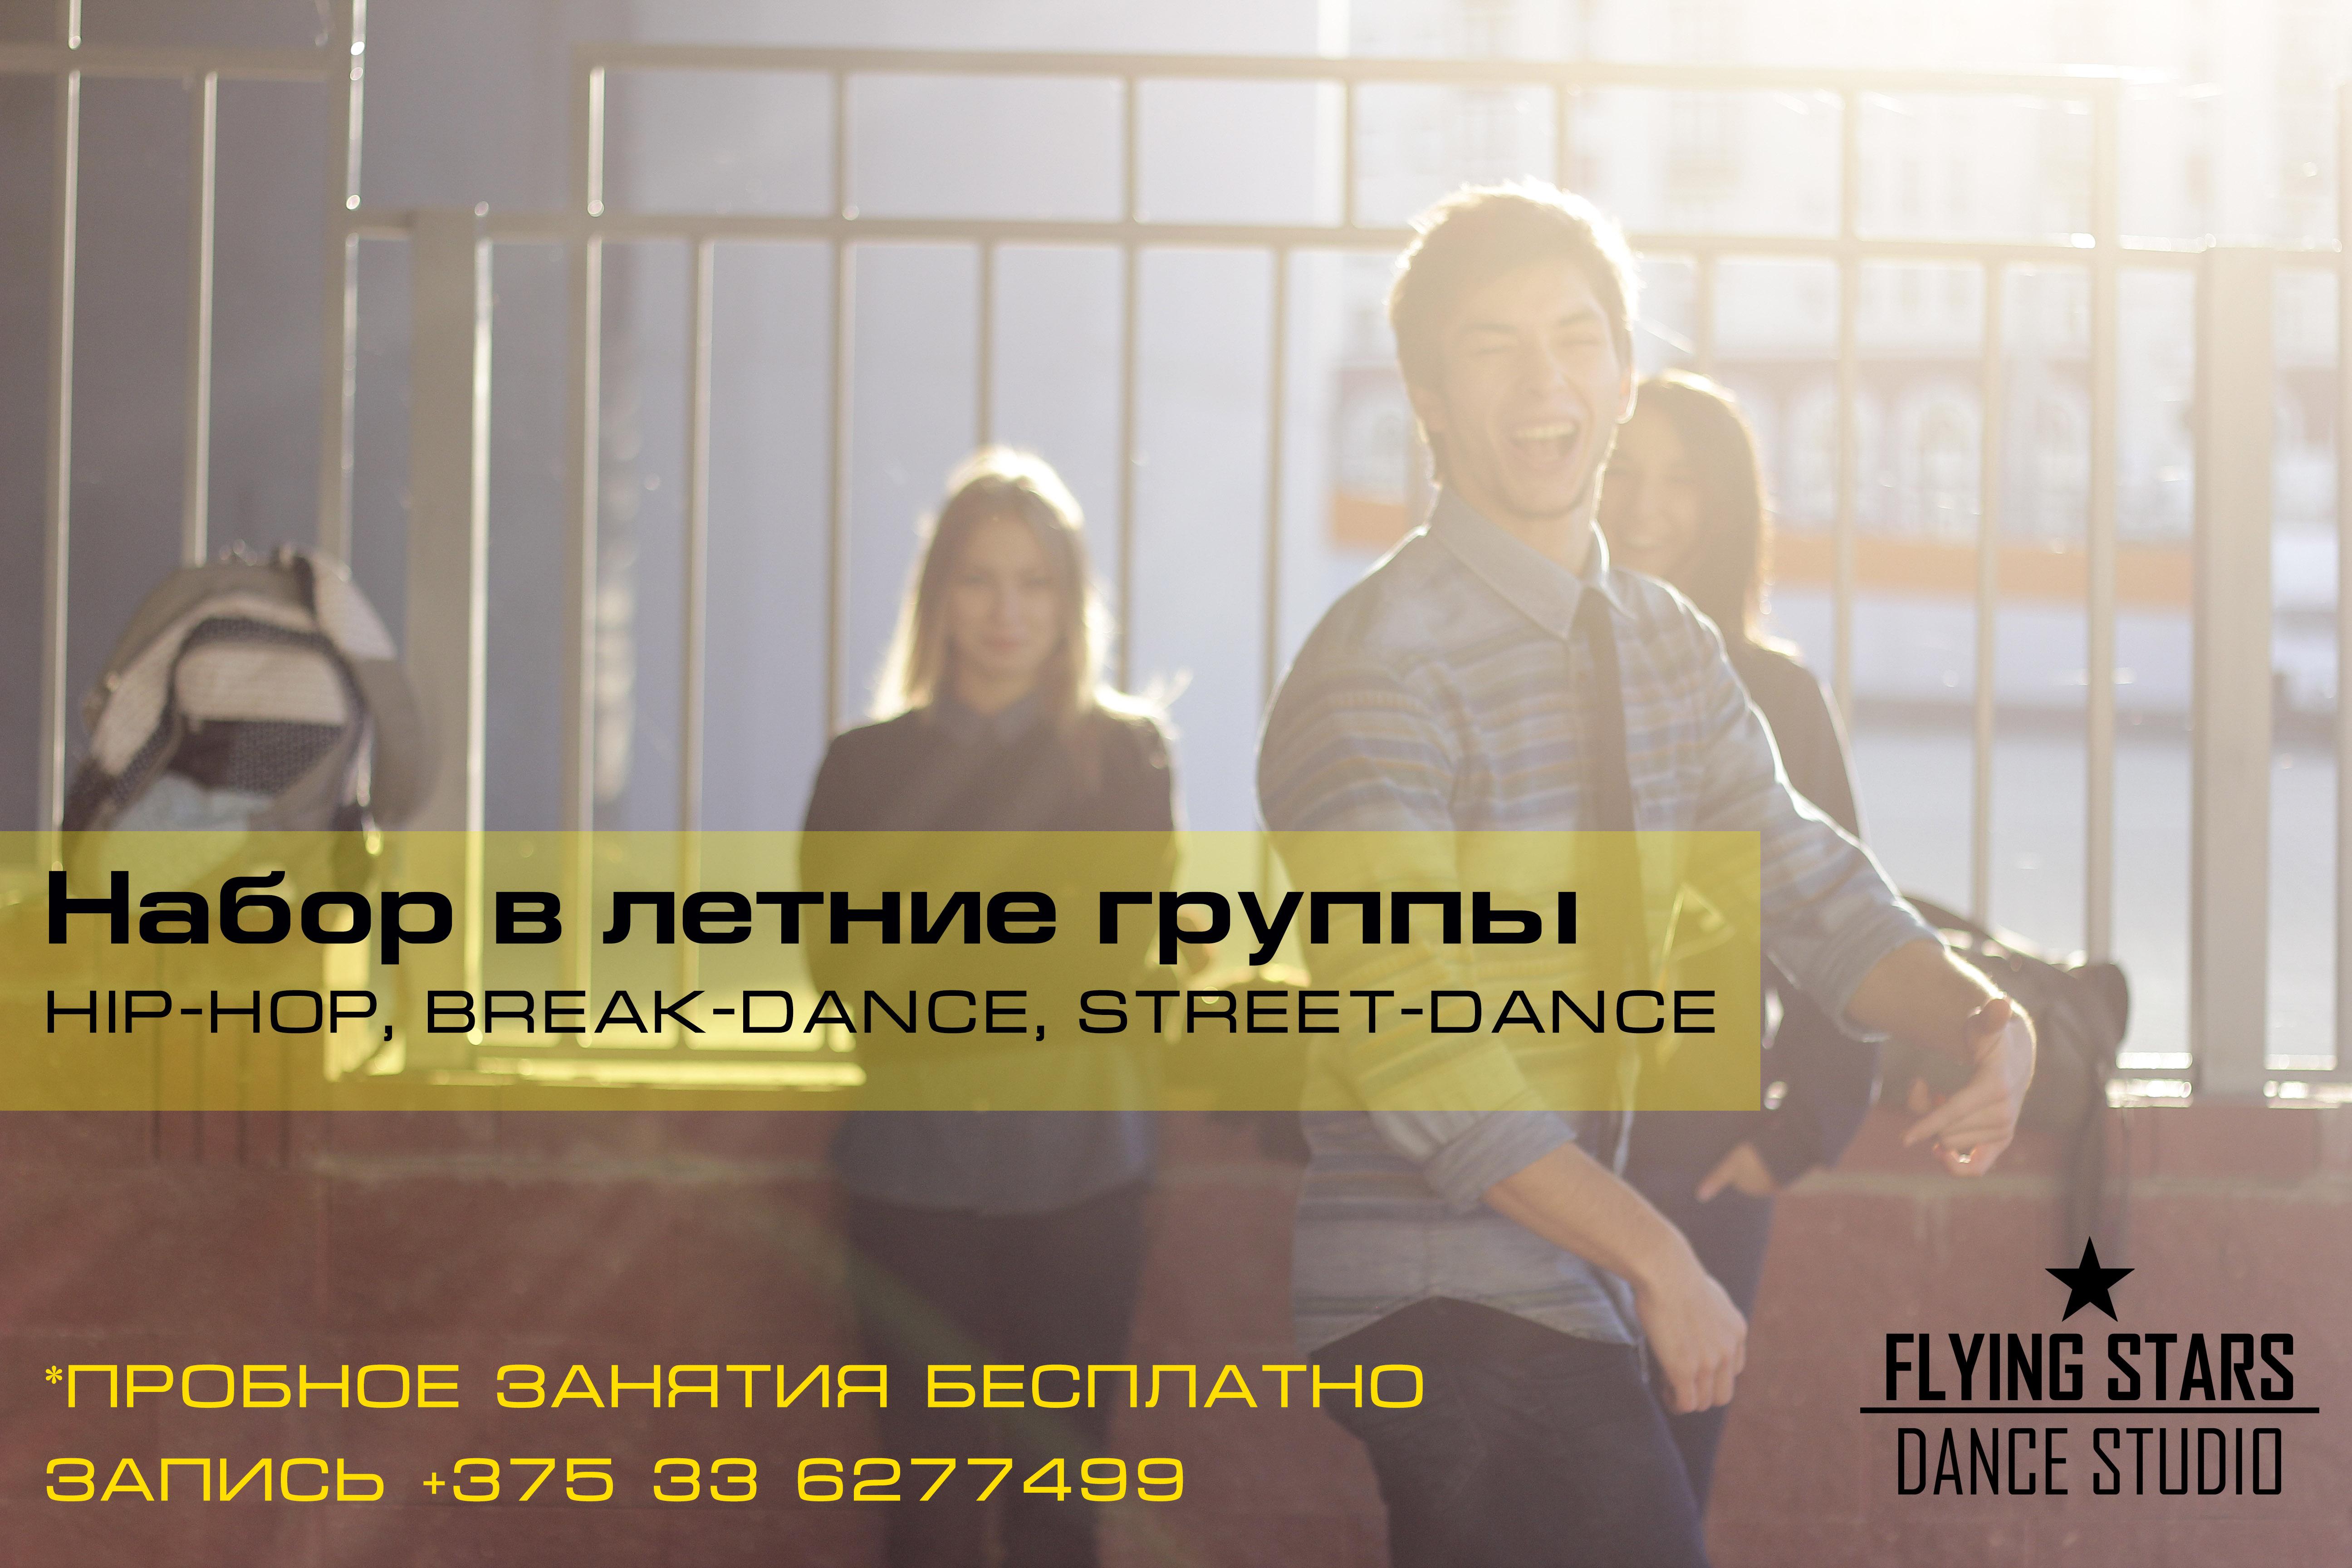 Набор в летние группы - школа современных танцев в Минске